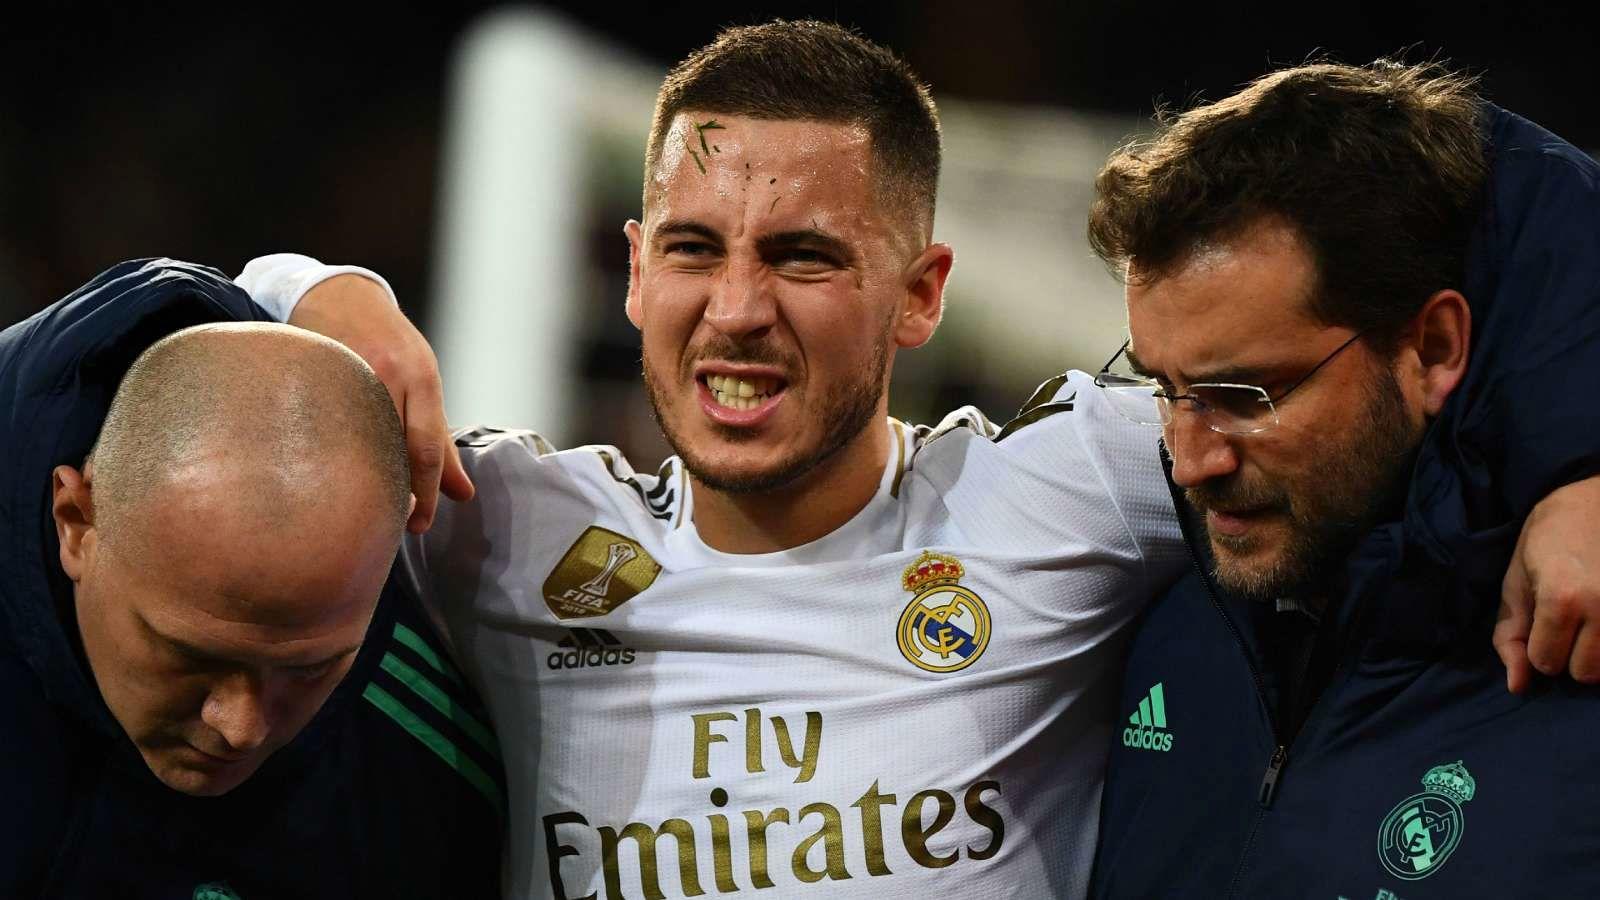 زمان بازگشت ستاره کلیدی رئال مادرید به میادین